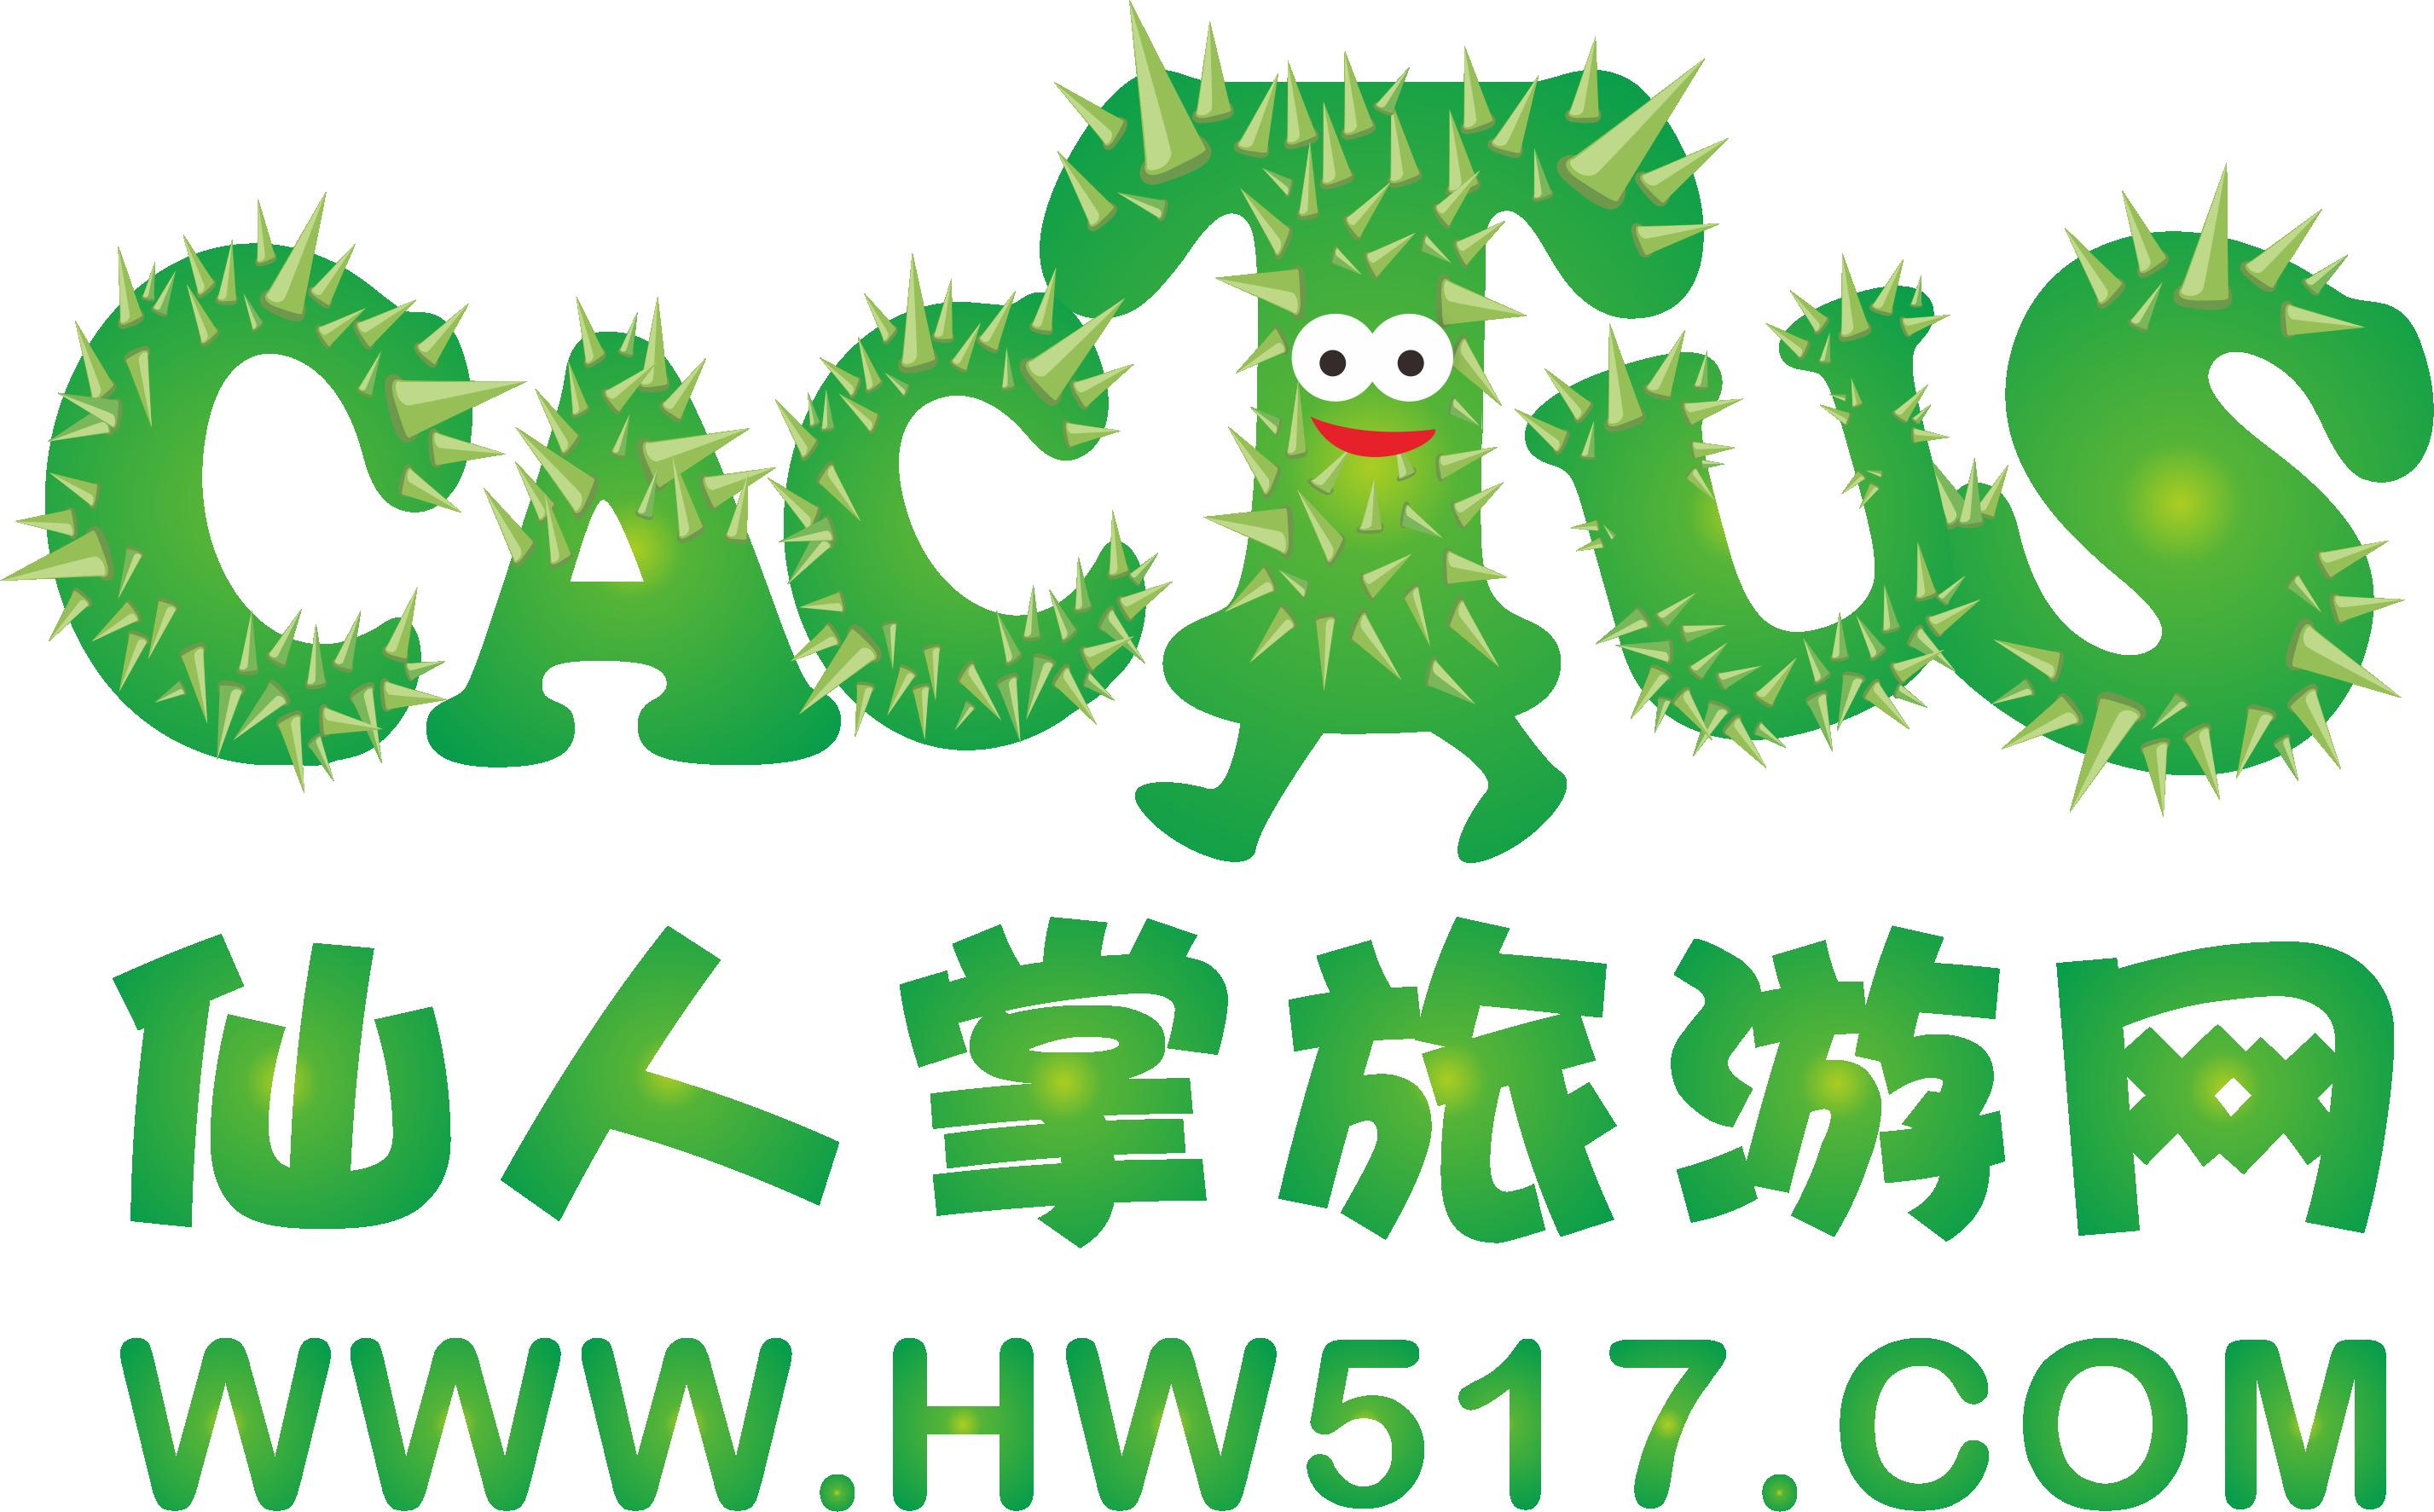 【仙人掌旅游】上海迪士尼乐园﹢上海野生动物园二日游